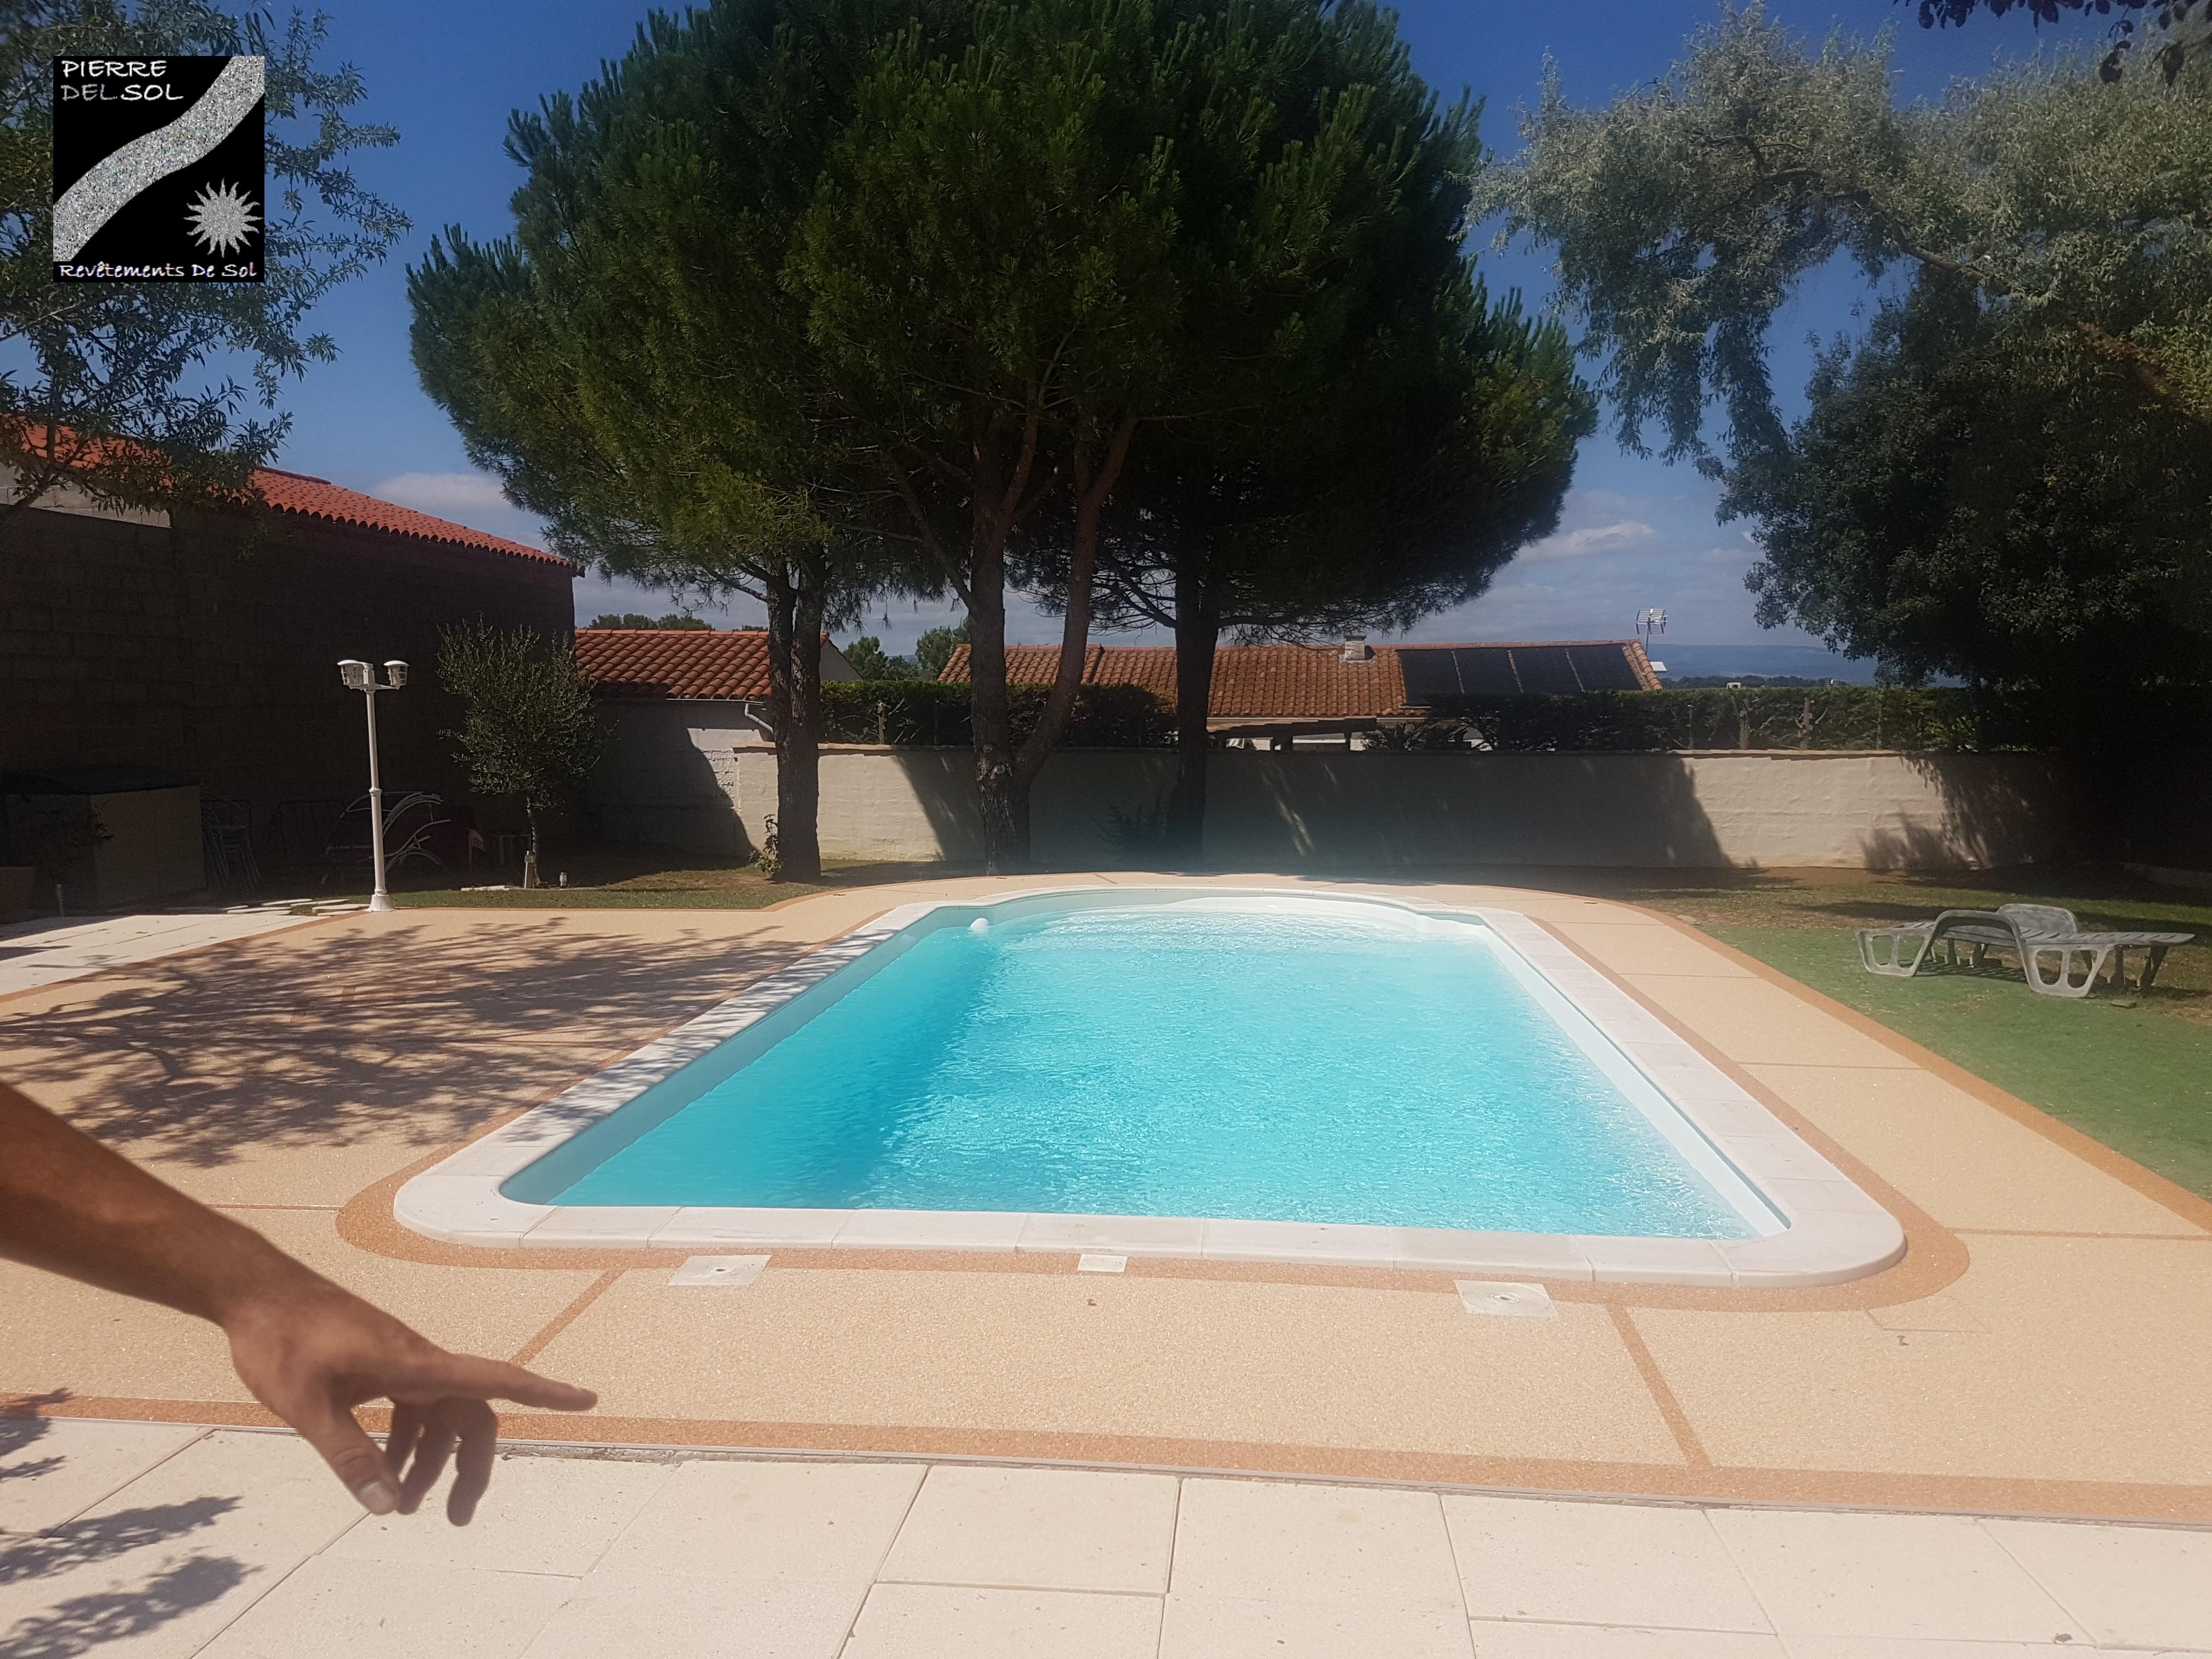 Tour de piscine à Lavalette